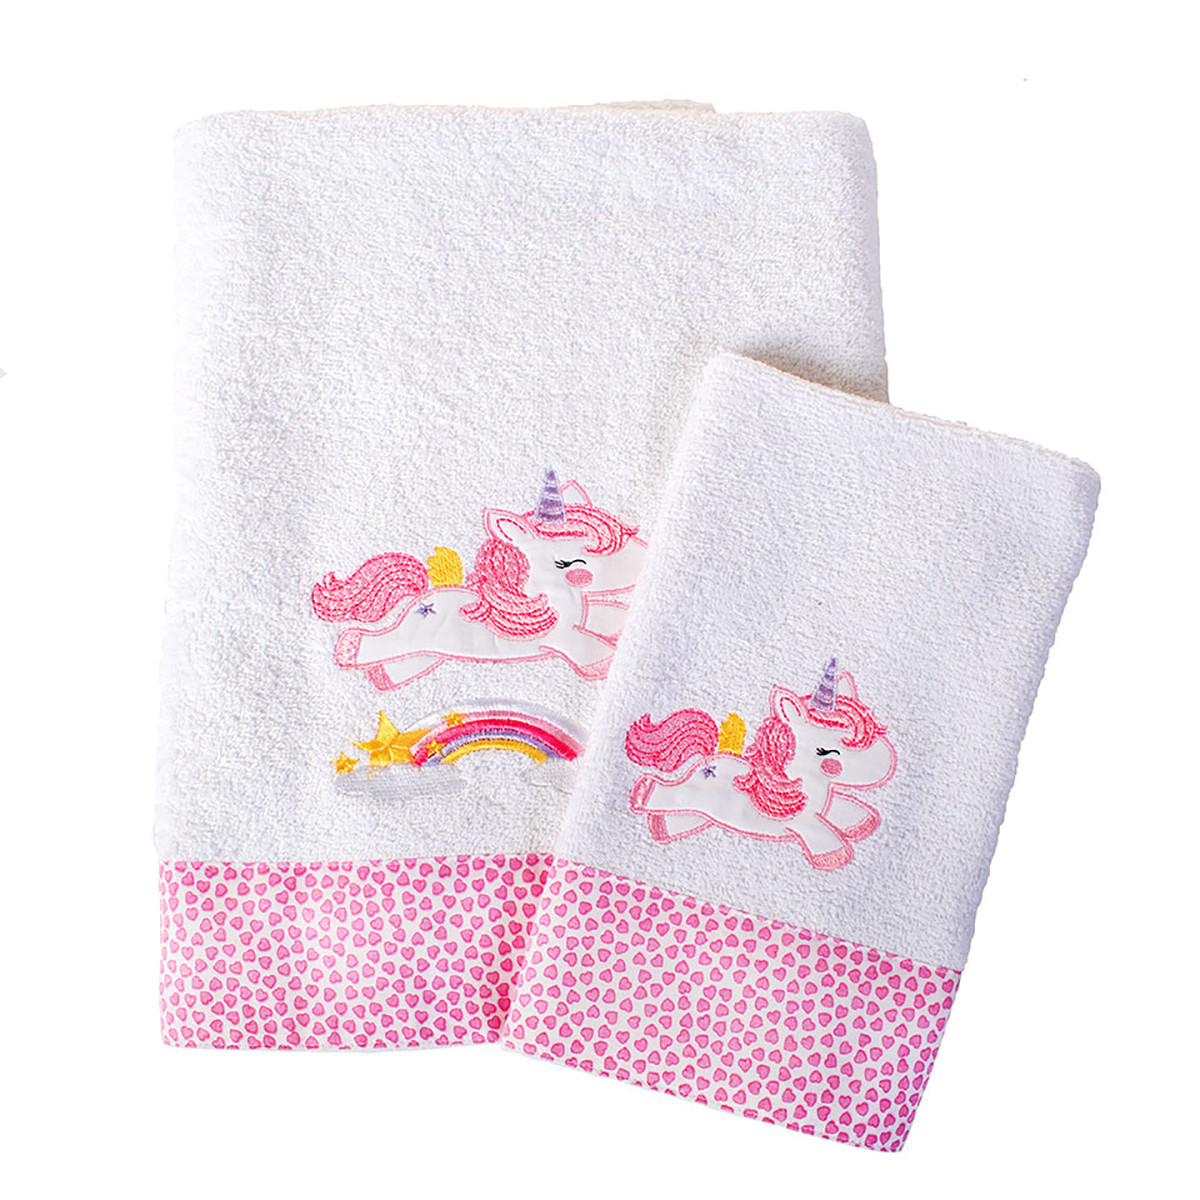 Βρεφικές Πετσέτες (Σετ 2τμχ) Dim Collection Unicorn 42 Λευκό